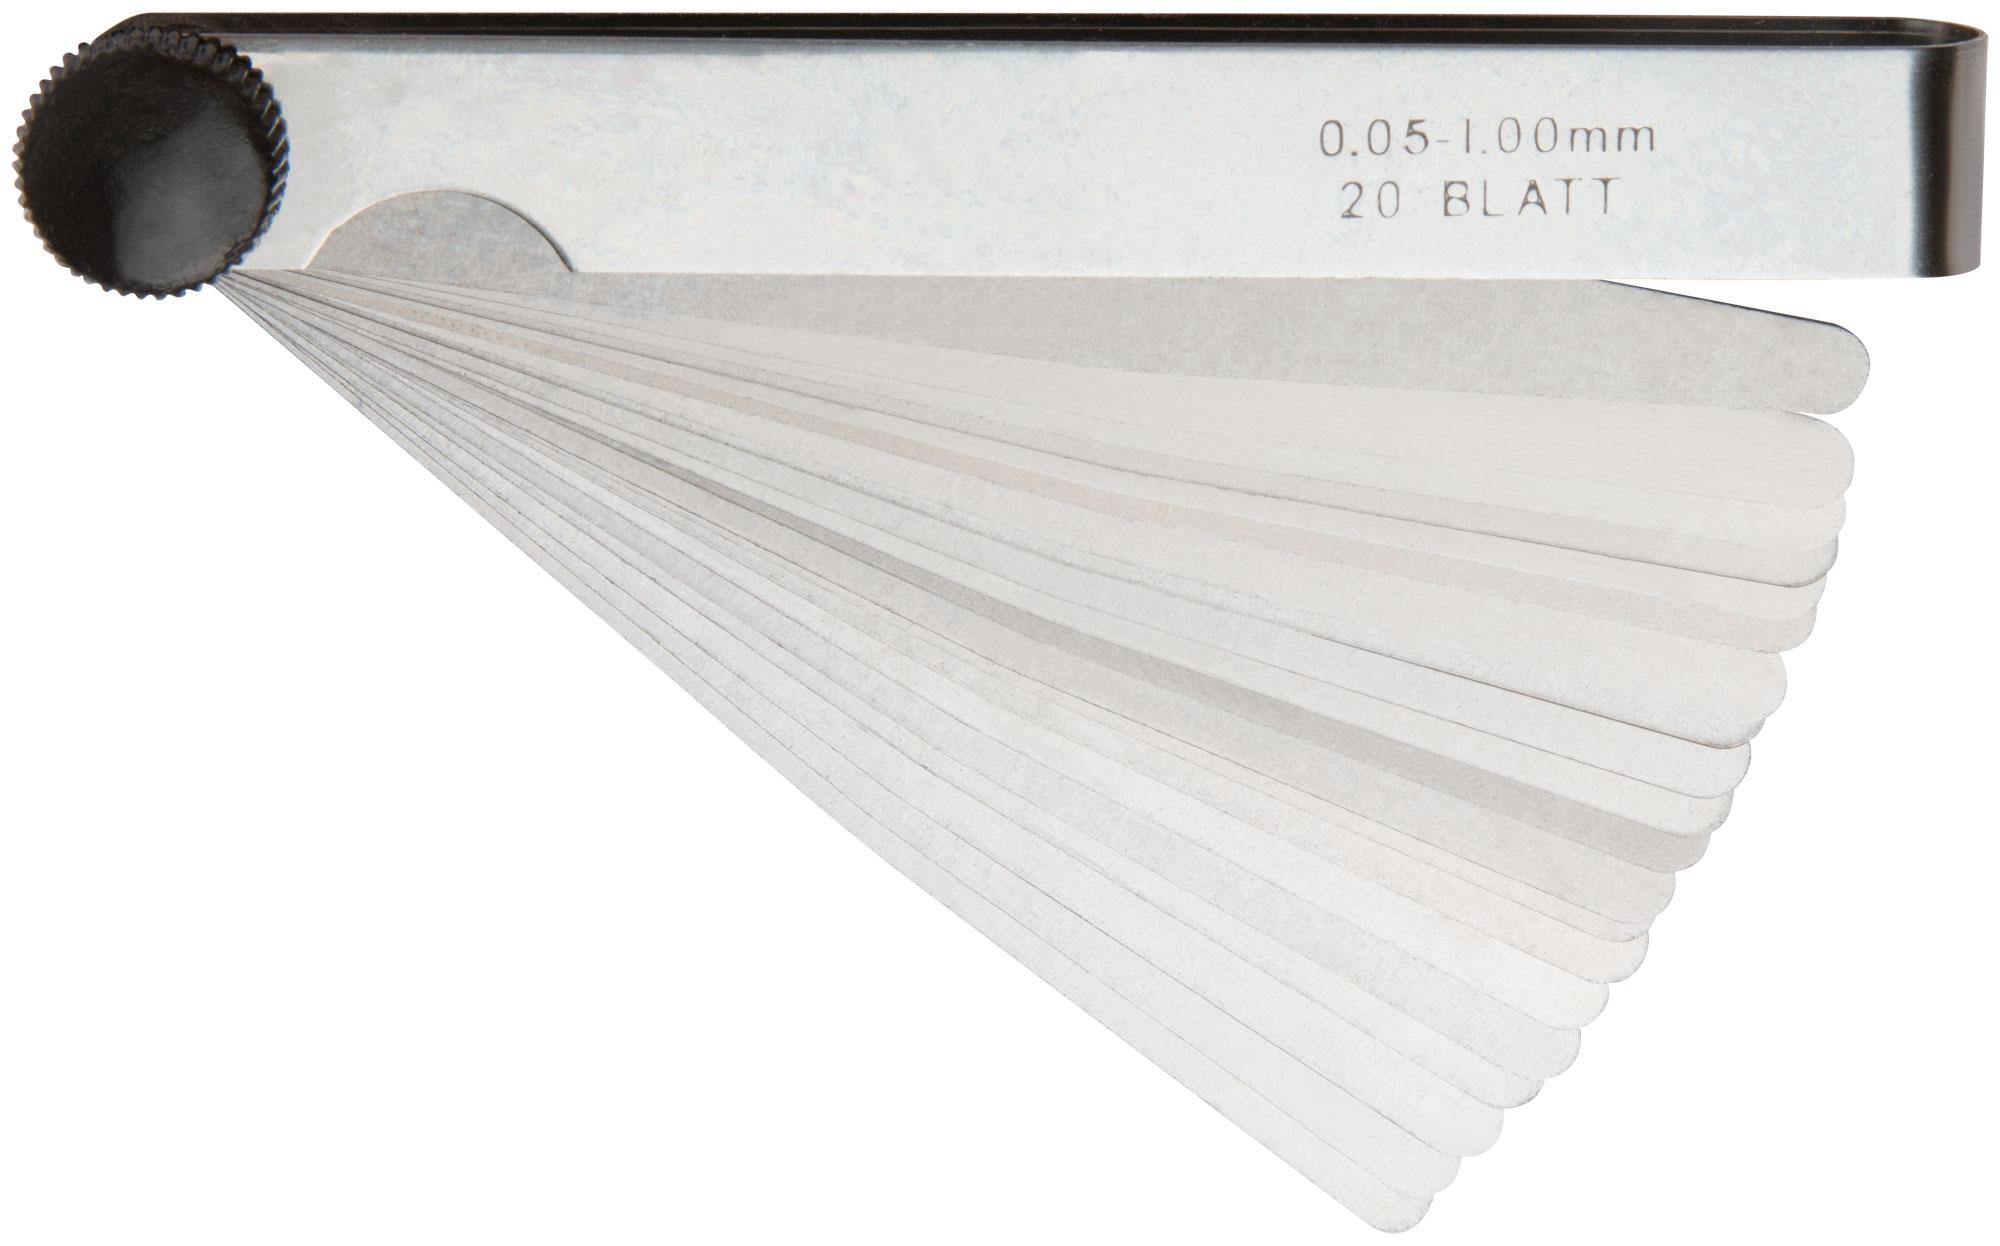 Щупы измерительные 20 шт, 0,05 1,00